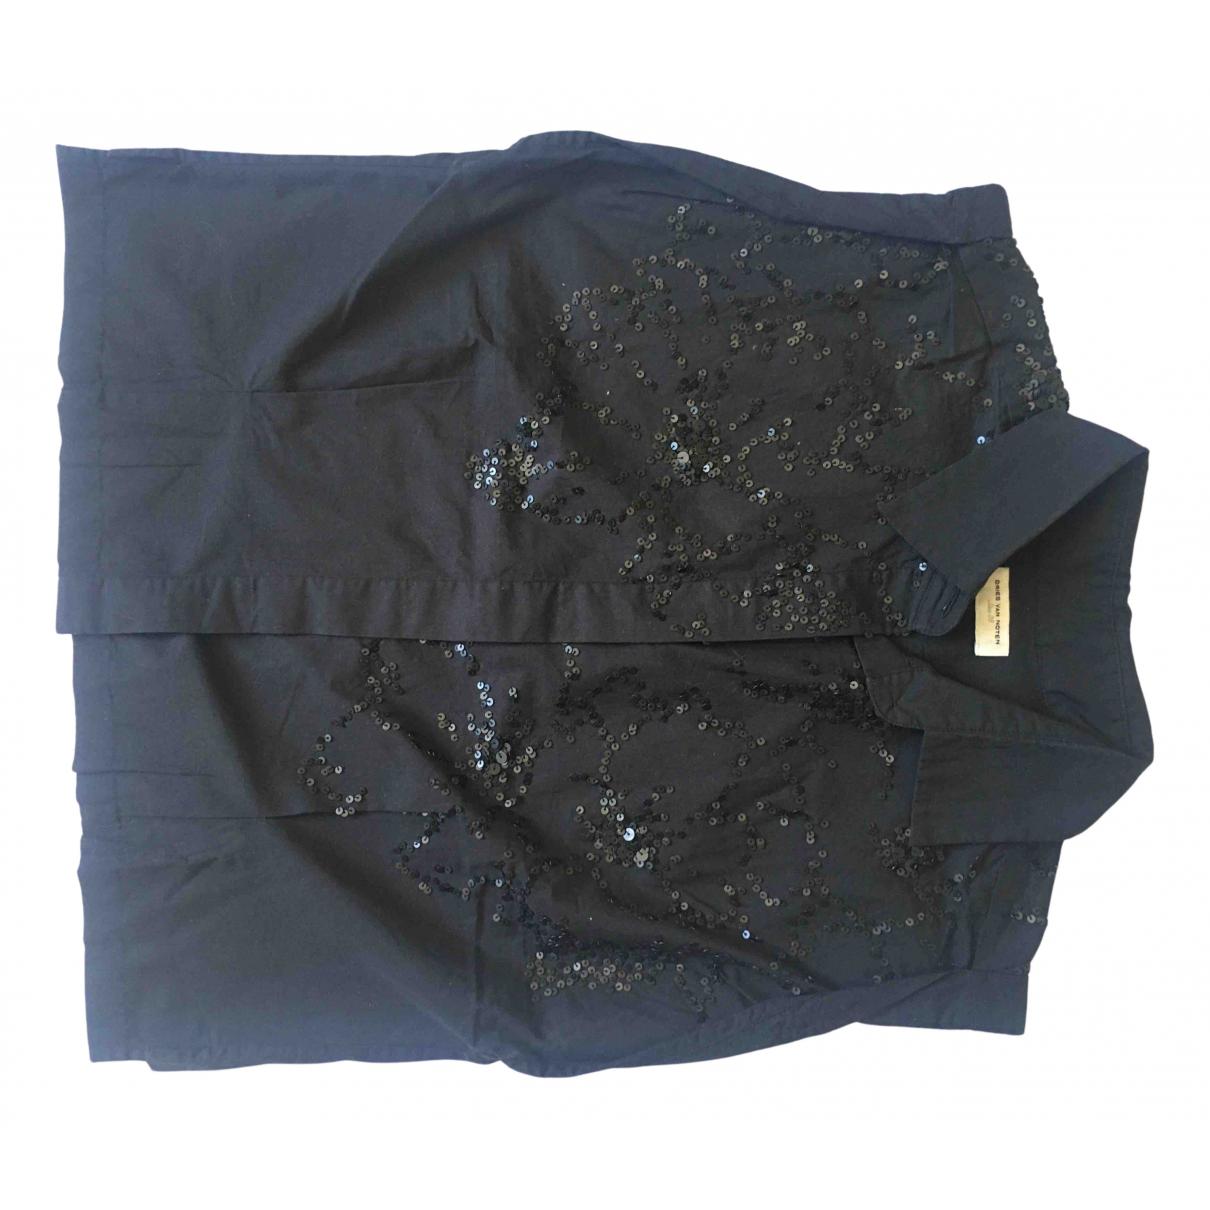 Dries Van Noten \N Black Cotton  top for Women 38 FR